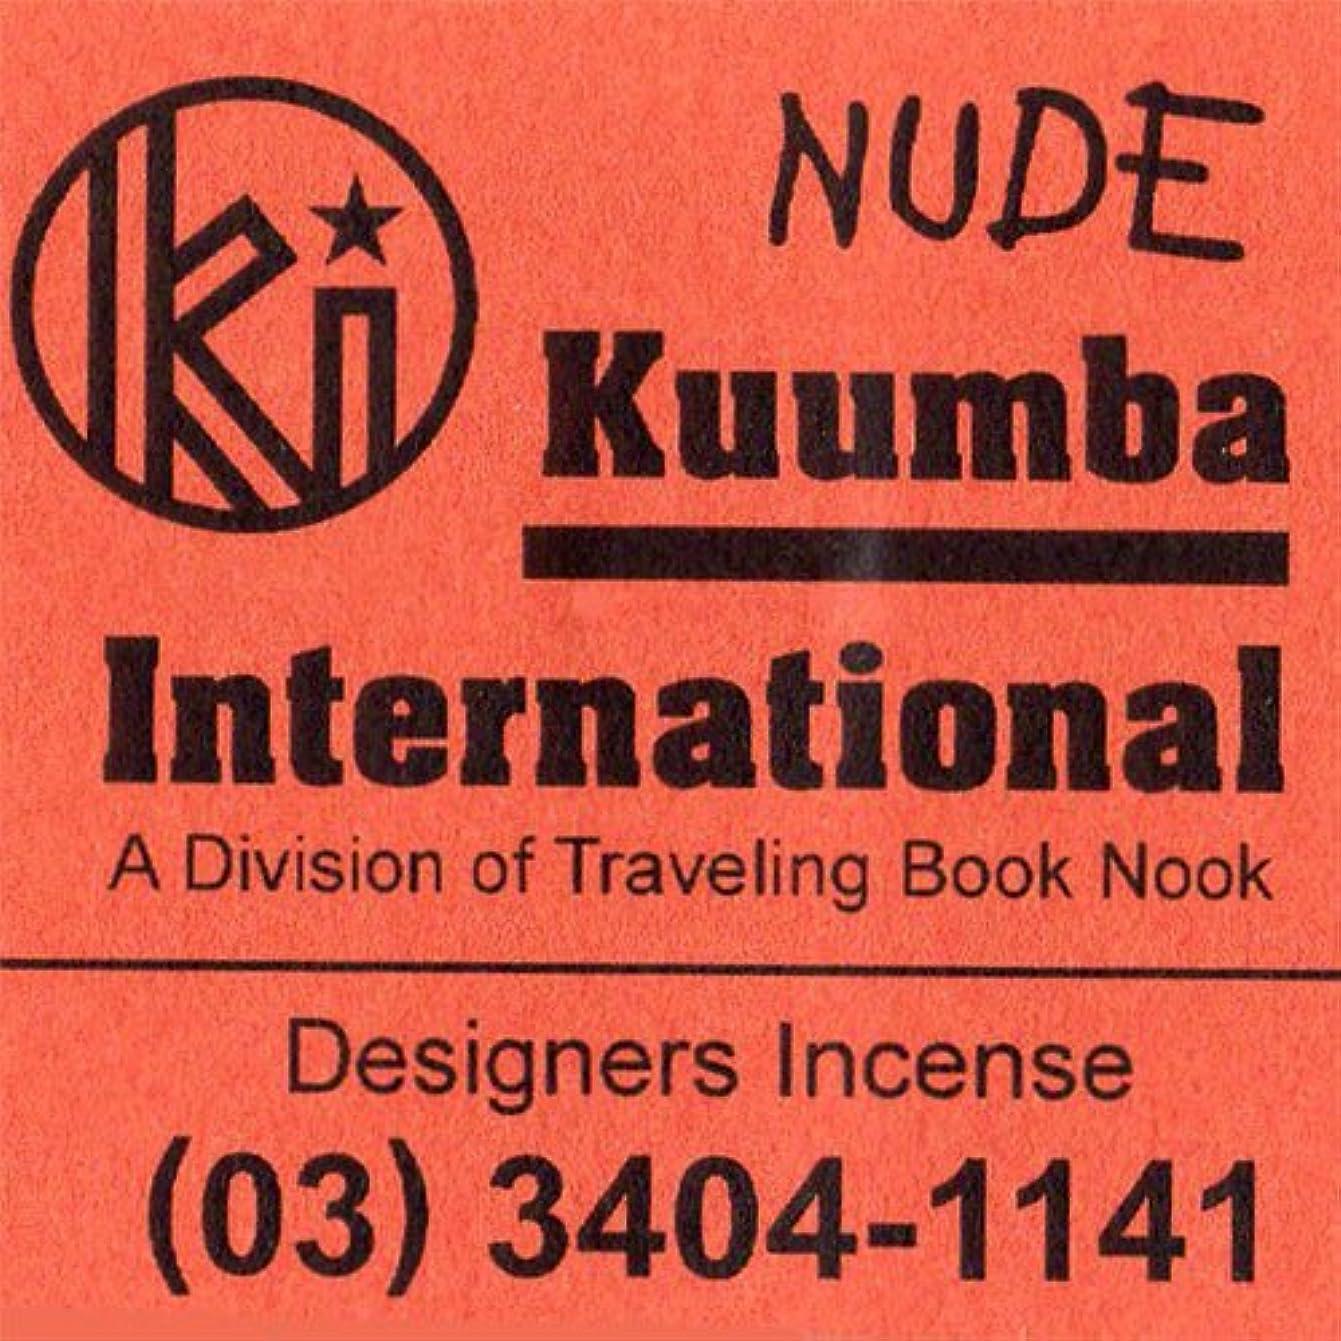 巧みな城平等KUUMBA / クンバ『incense』(NUDE) (Regular size)